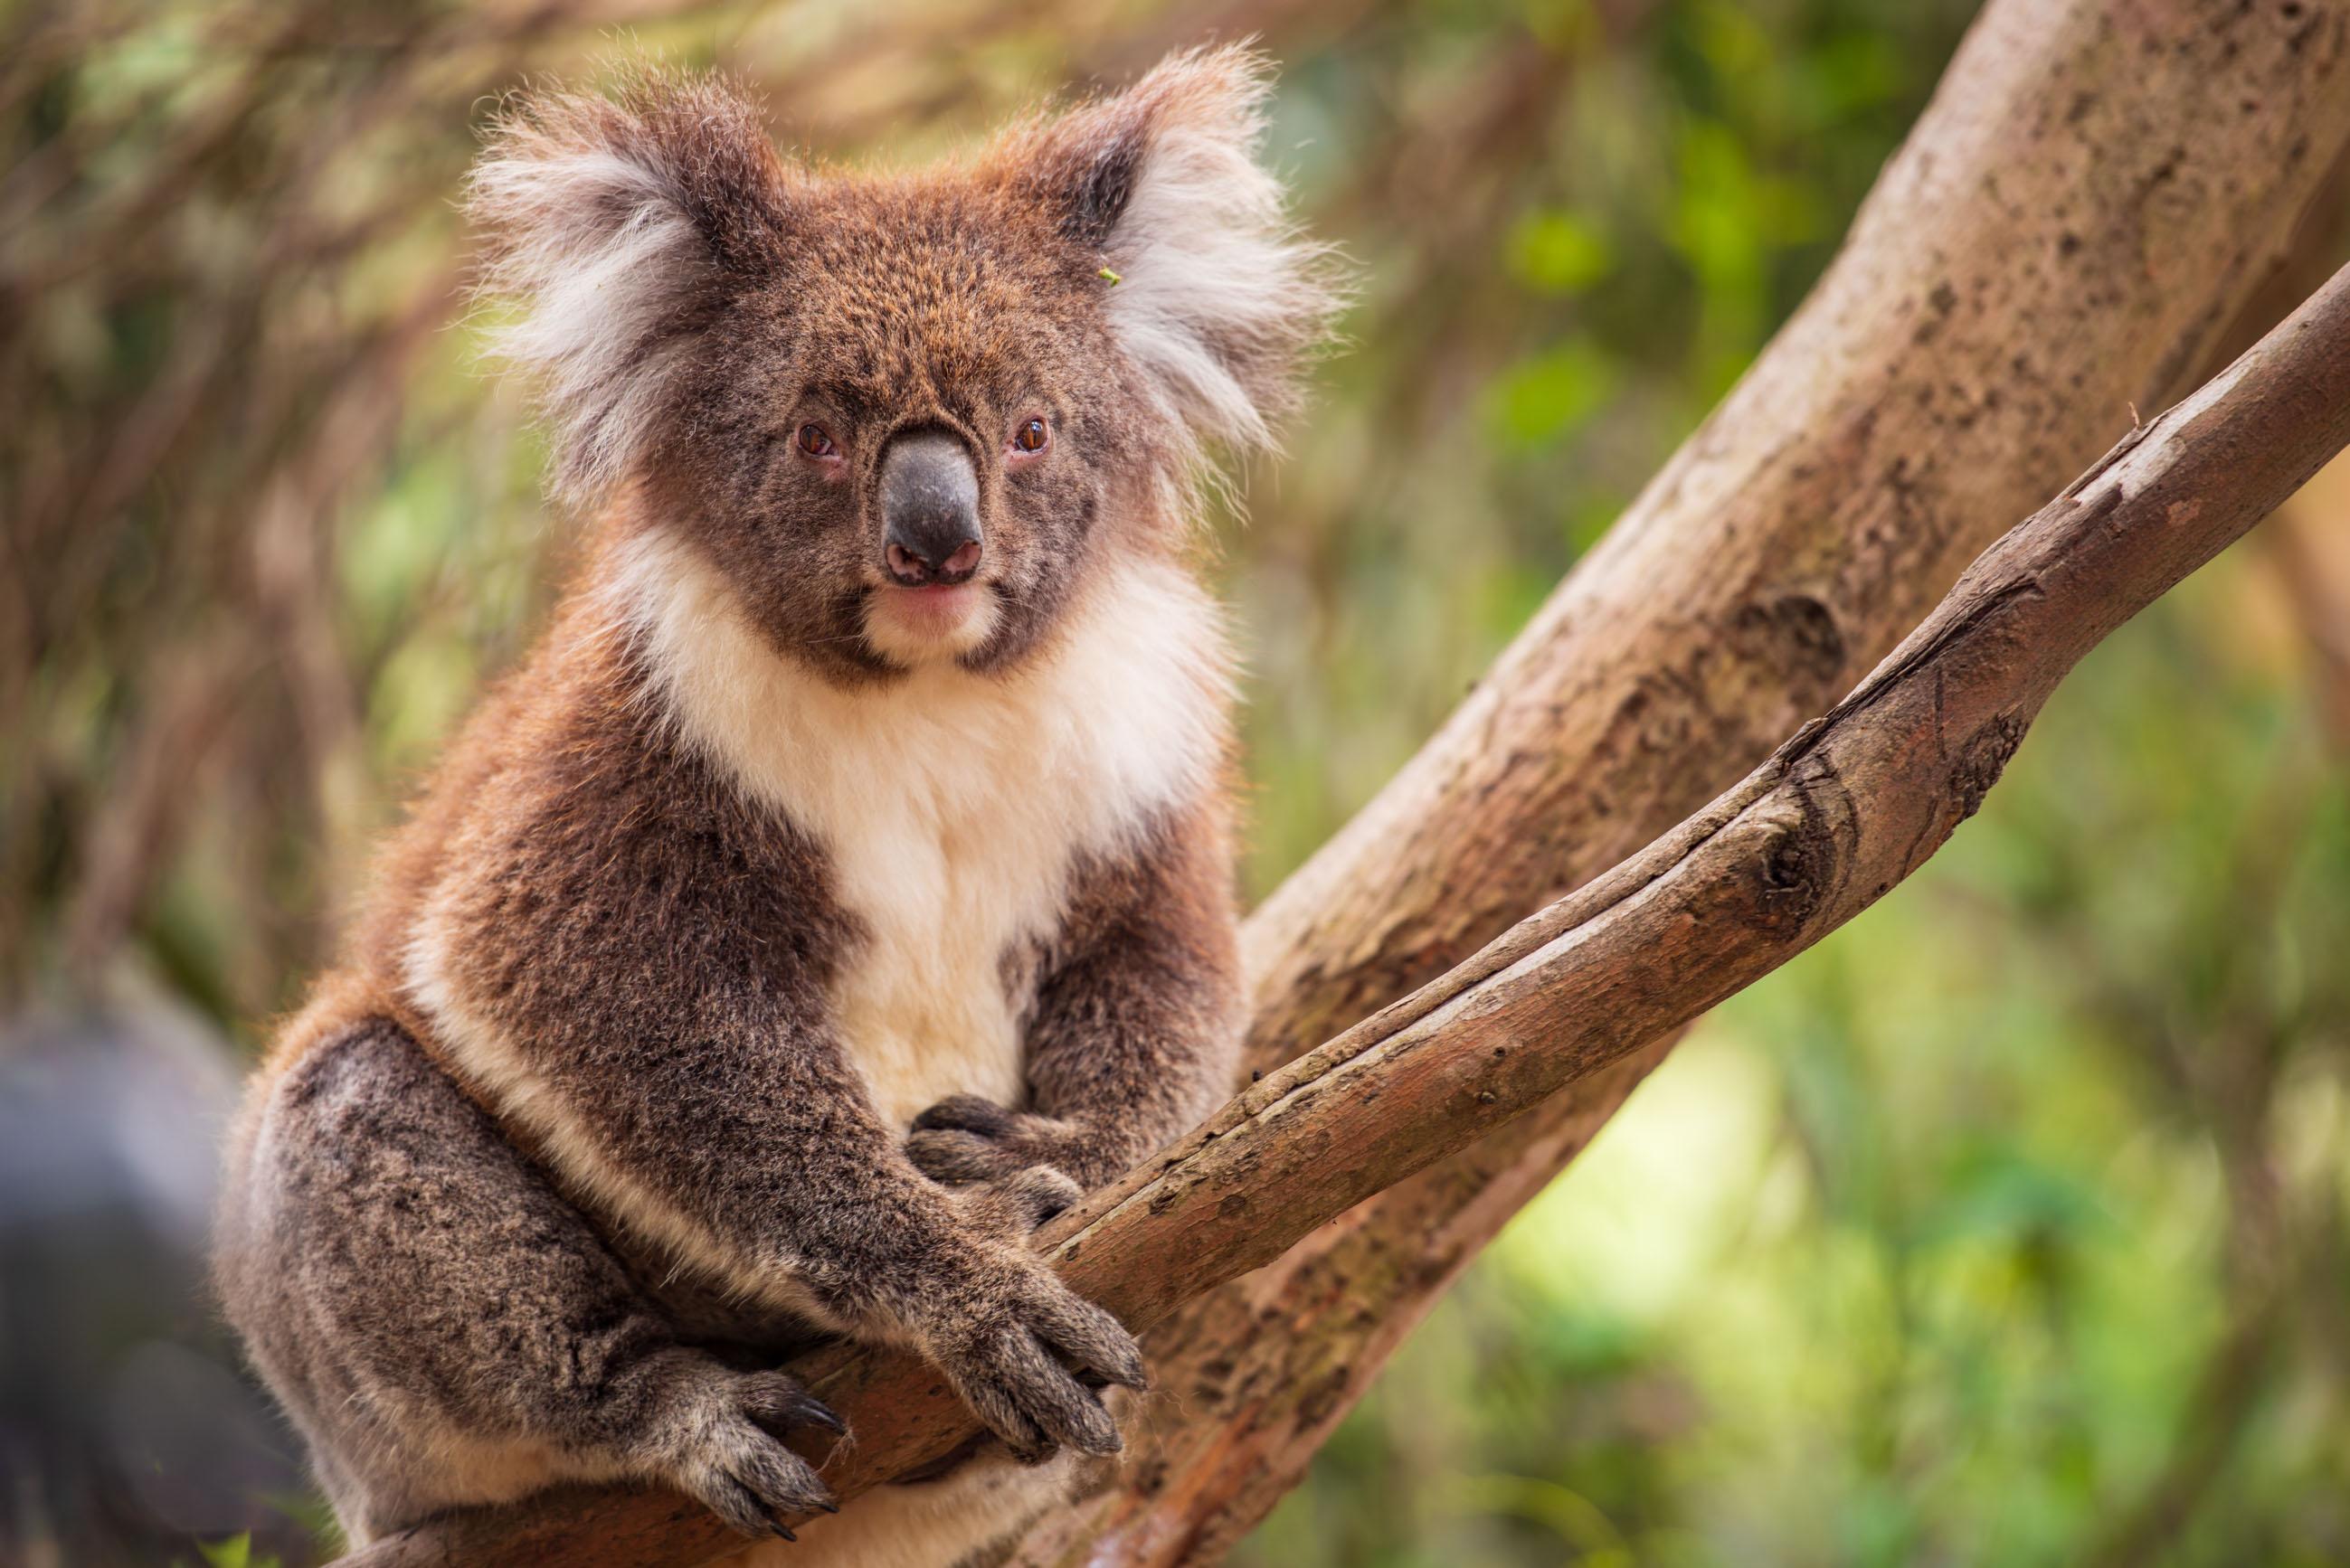 https://bubo.sk/uploads/galleries/5029/robert_taraba_koala.jpg